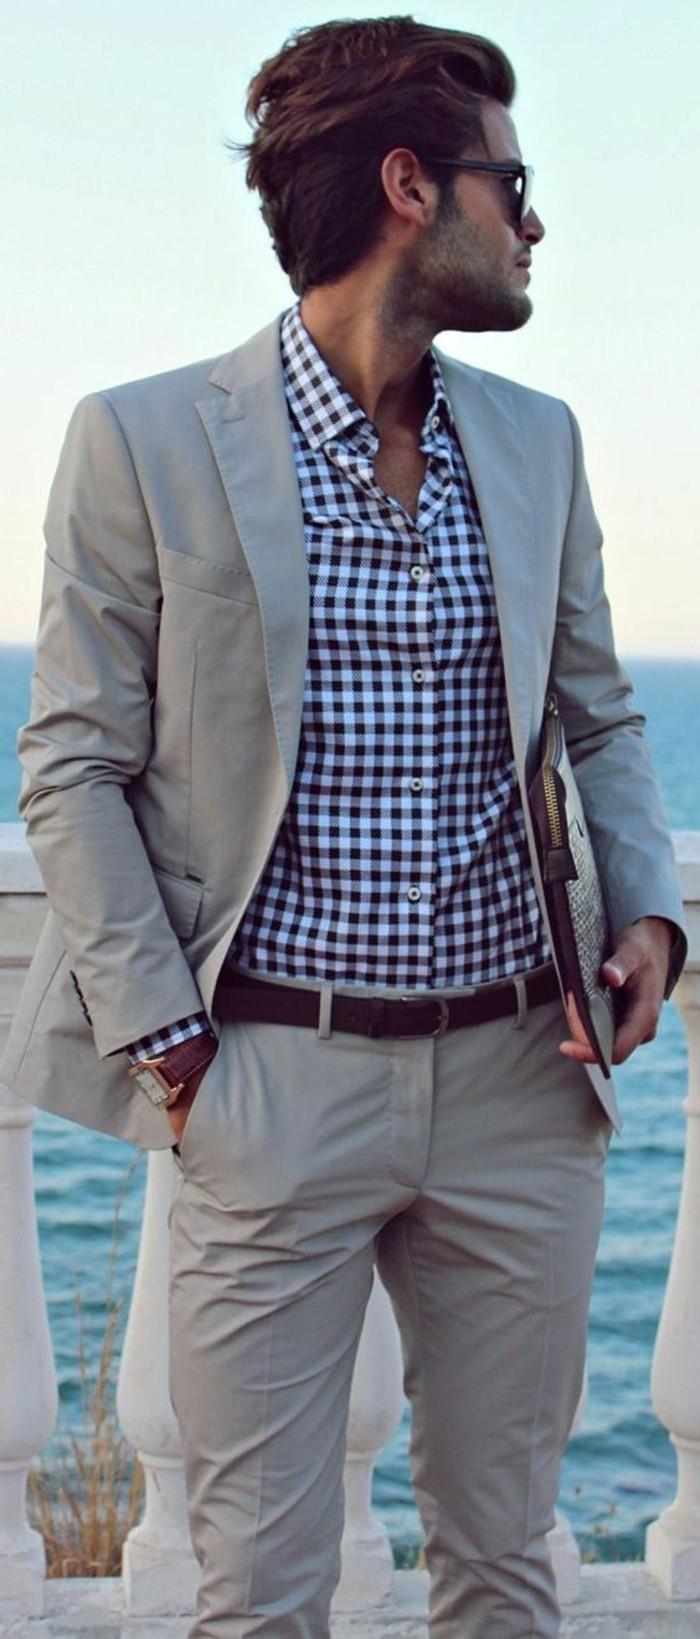 jolie-idée-comment-s-habiller-cravate-mariage-classe-au-bord-de-la-mer